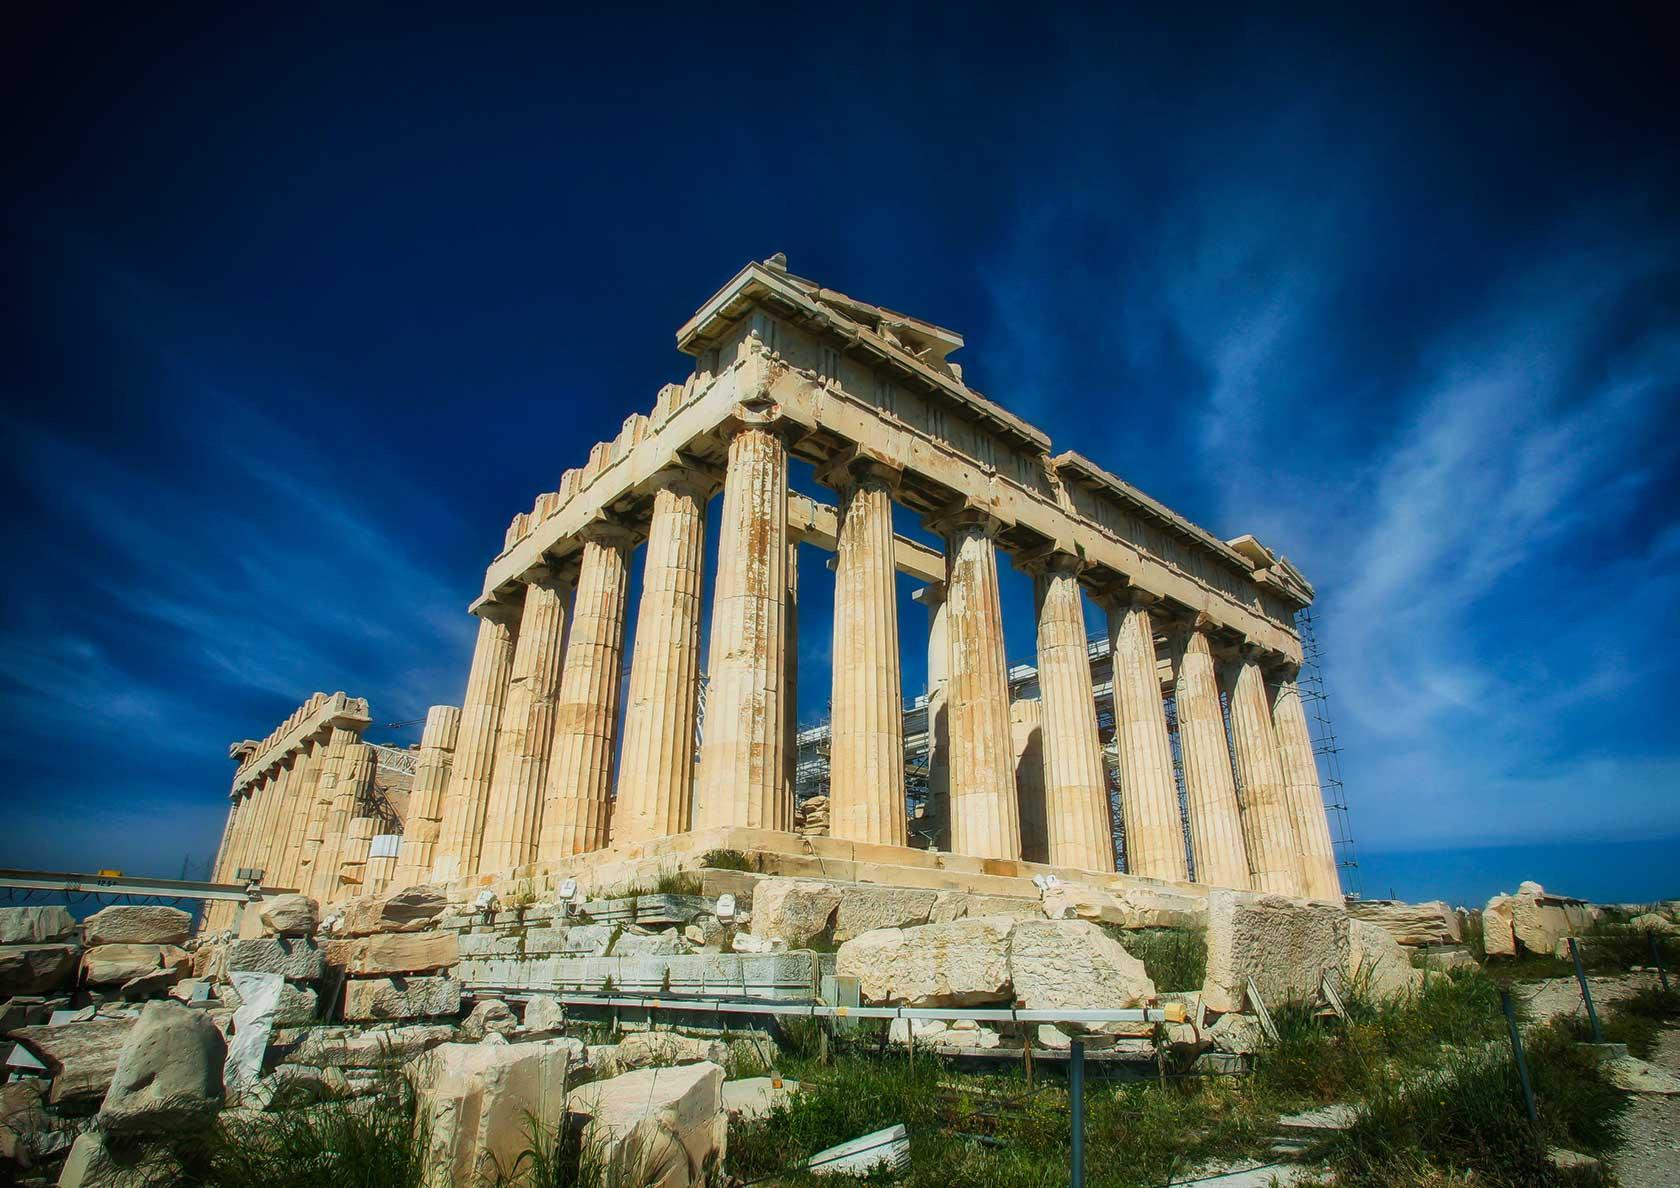 viajar-turismo-operadora-pacote-viagem-europa-grecia-pacotes- caa40de126fd8